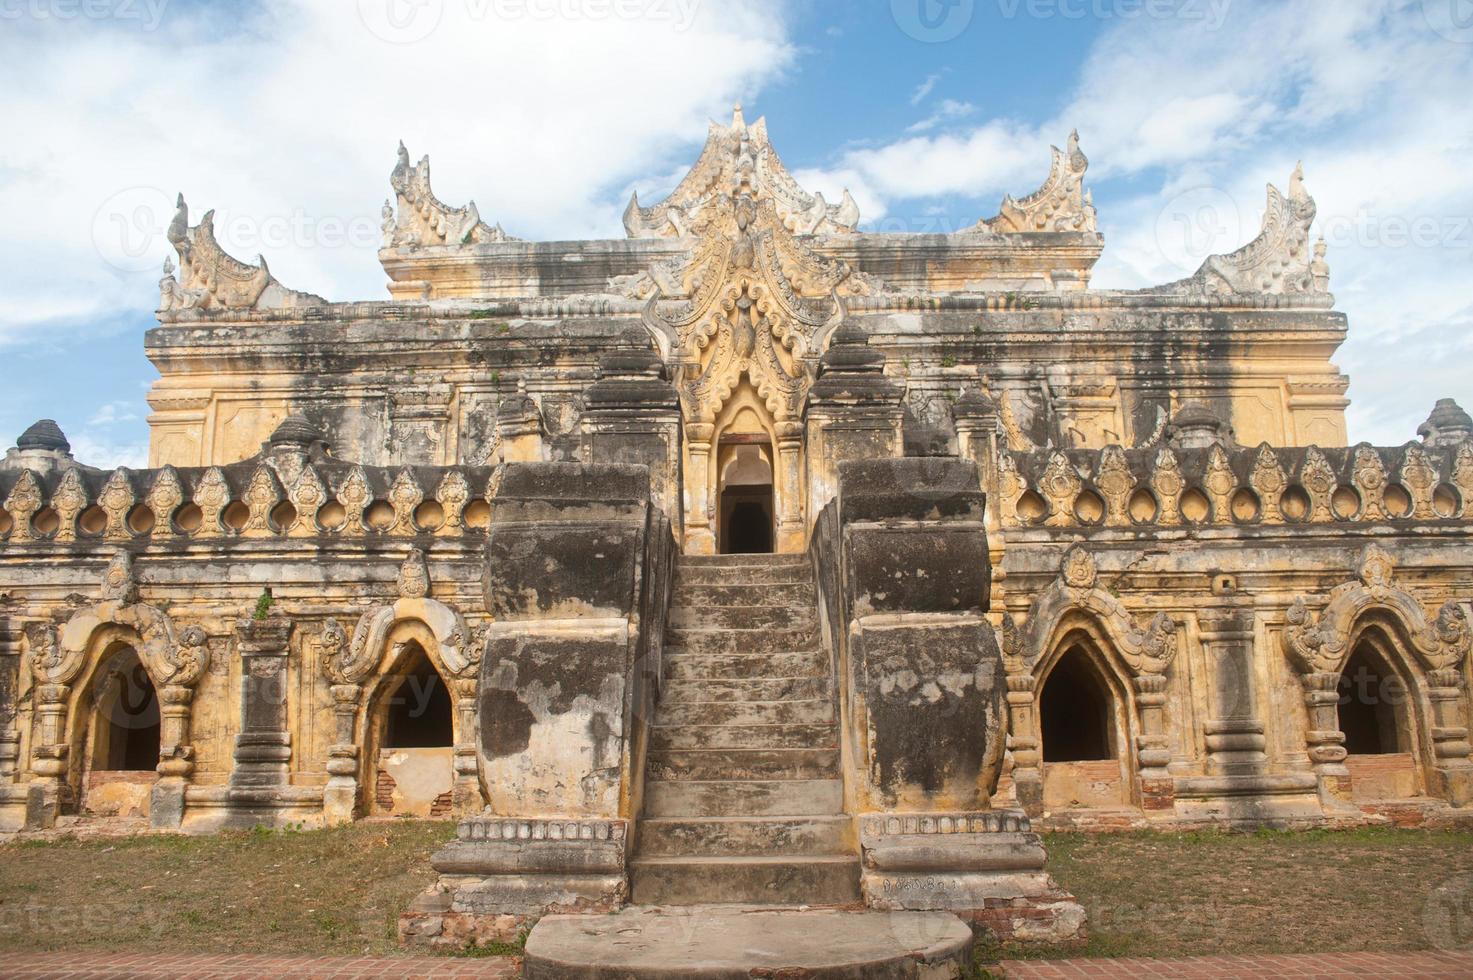 maha aung mye bon zan kloster. foto